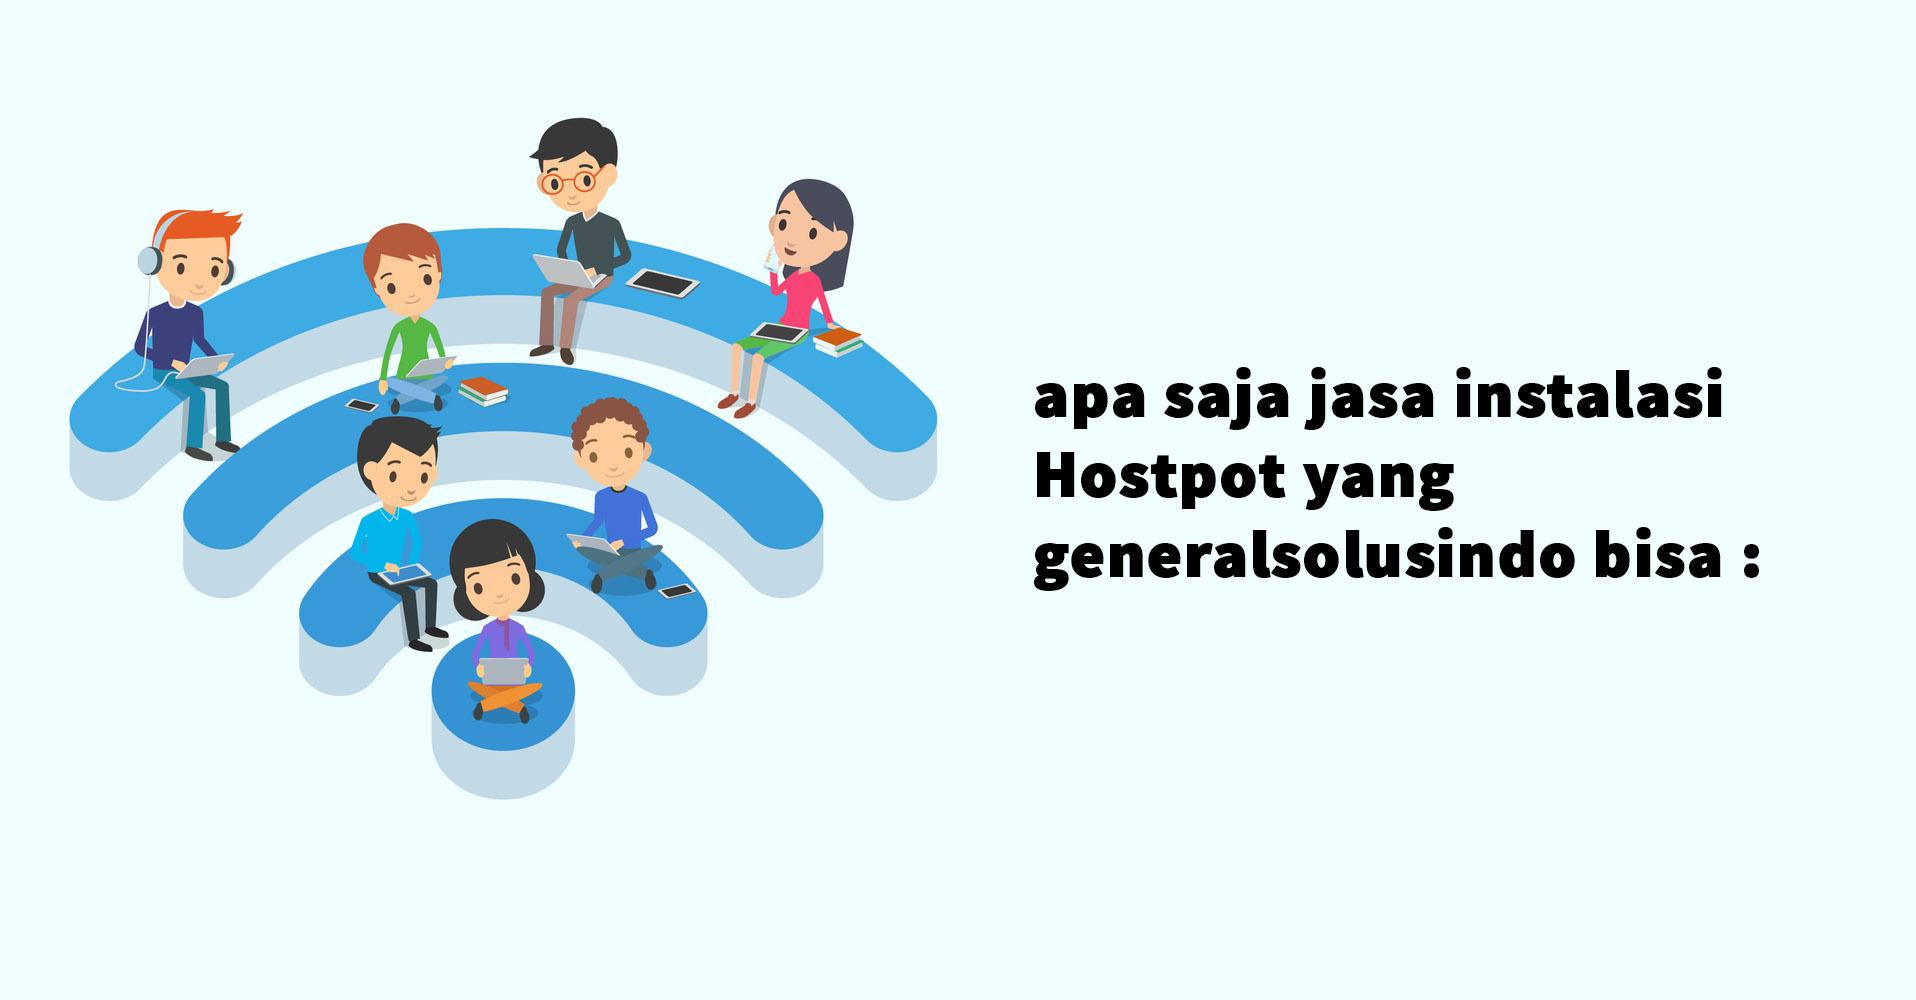 jasa instalasi hotspot garansi untuk kantor